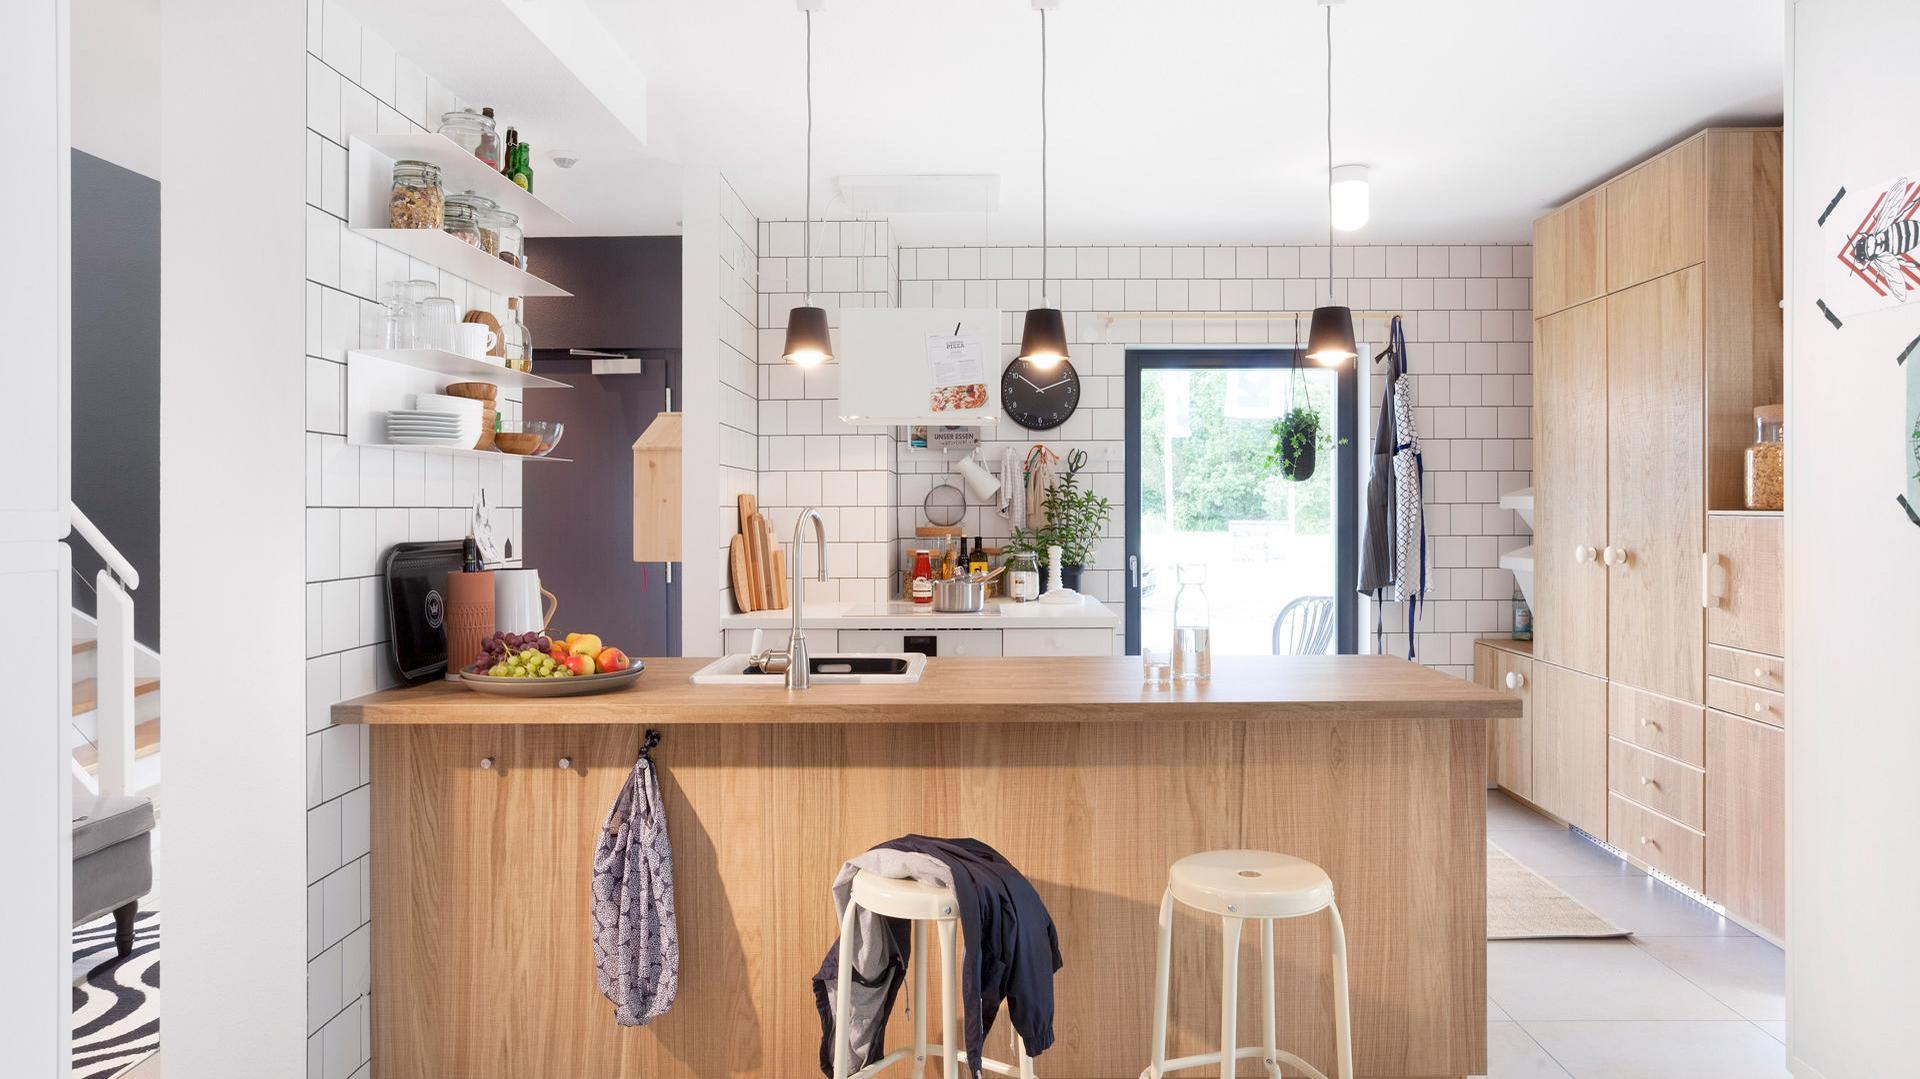 Full Size of Barrierefreie Küche Ikea Family Home 2 Fertighaus Mit Schwrerhaus Einhebelmischer Holzbrett Pendelleuchte Spritzschutz Plexiglas Aufbewahrungssystem Wohnzimmer Barrierefreie Küche Ikea